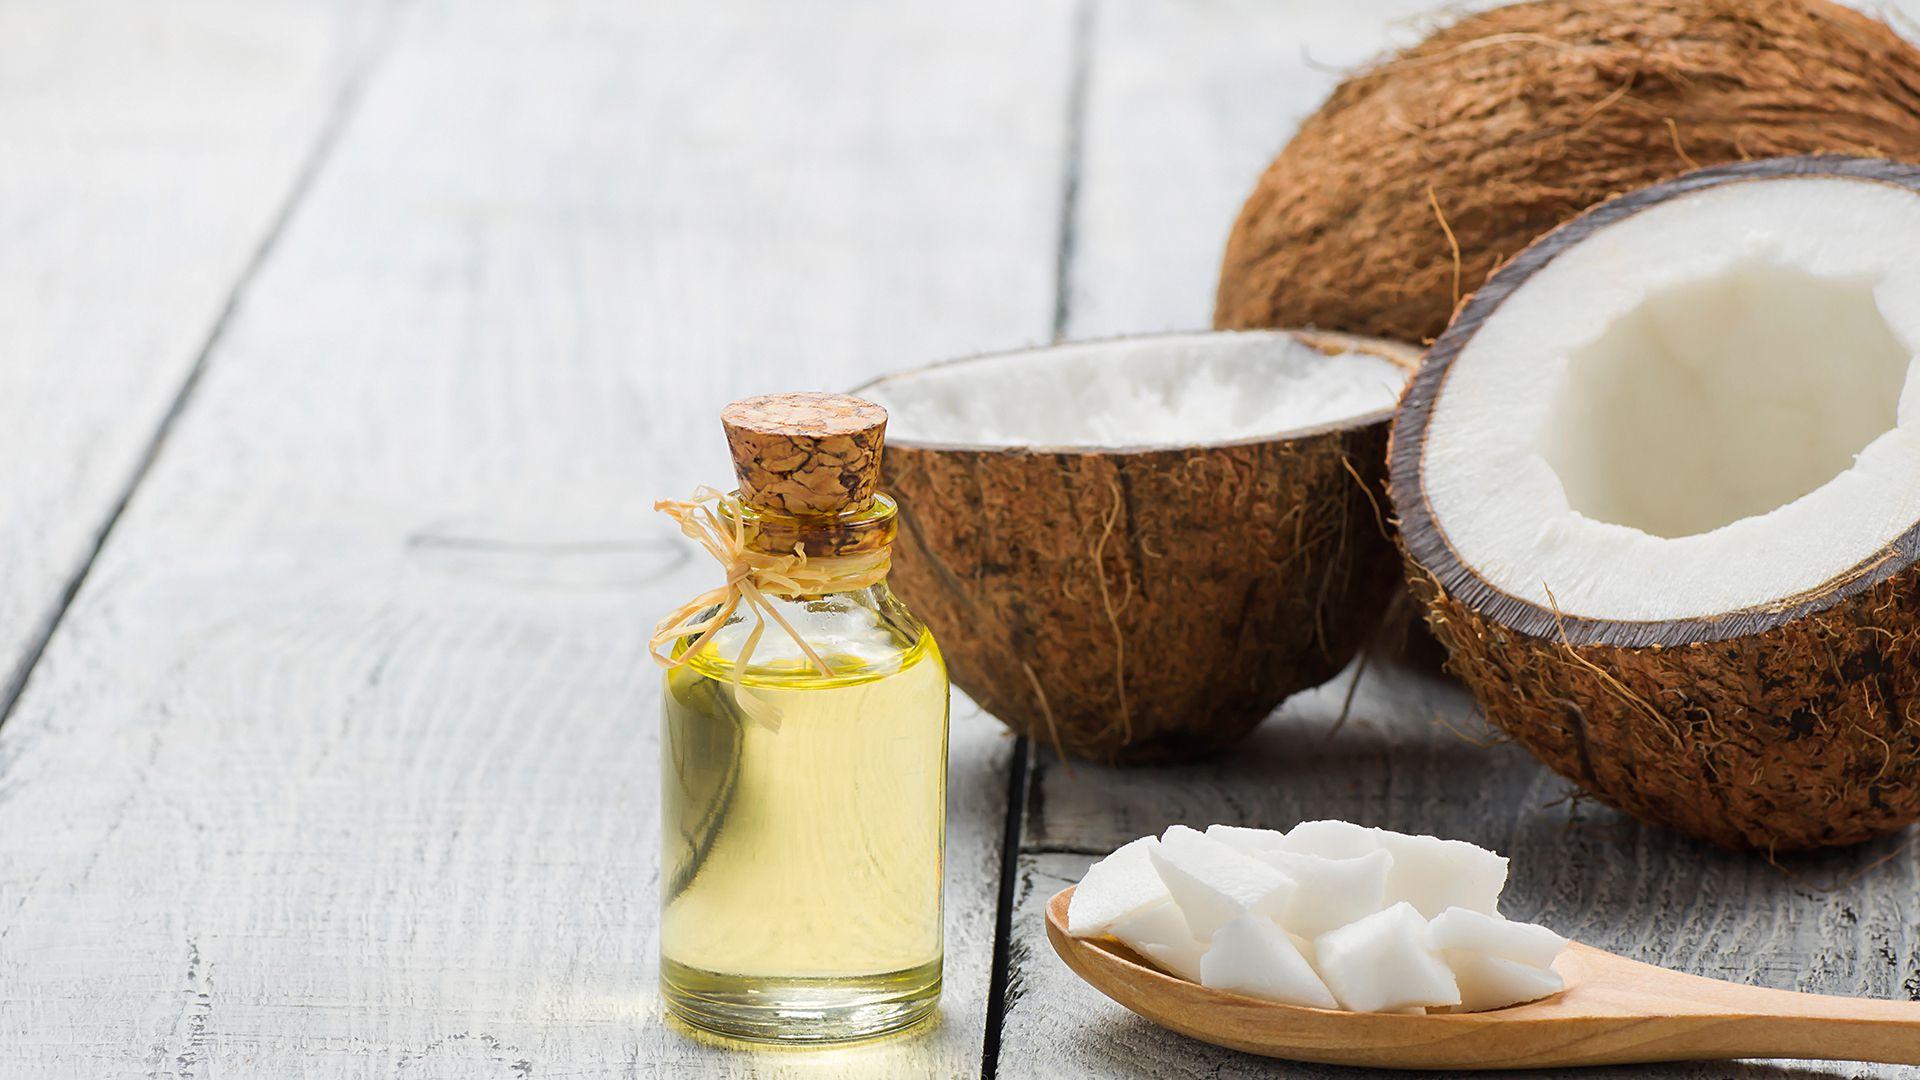 La ANMAT prohibió la comercialización de un aceite de coco (Shutterstock)